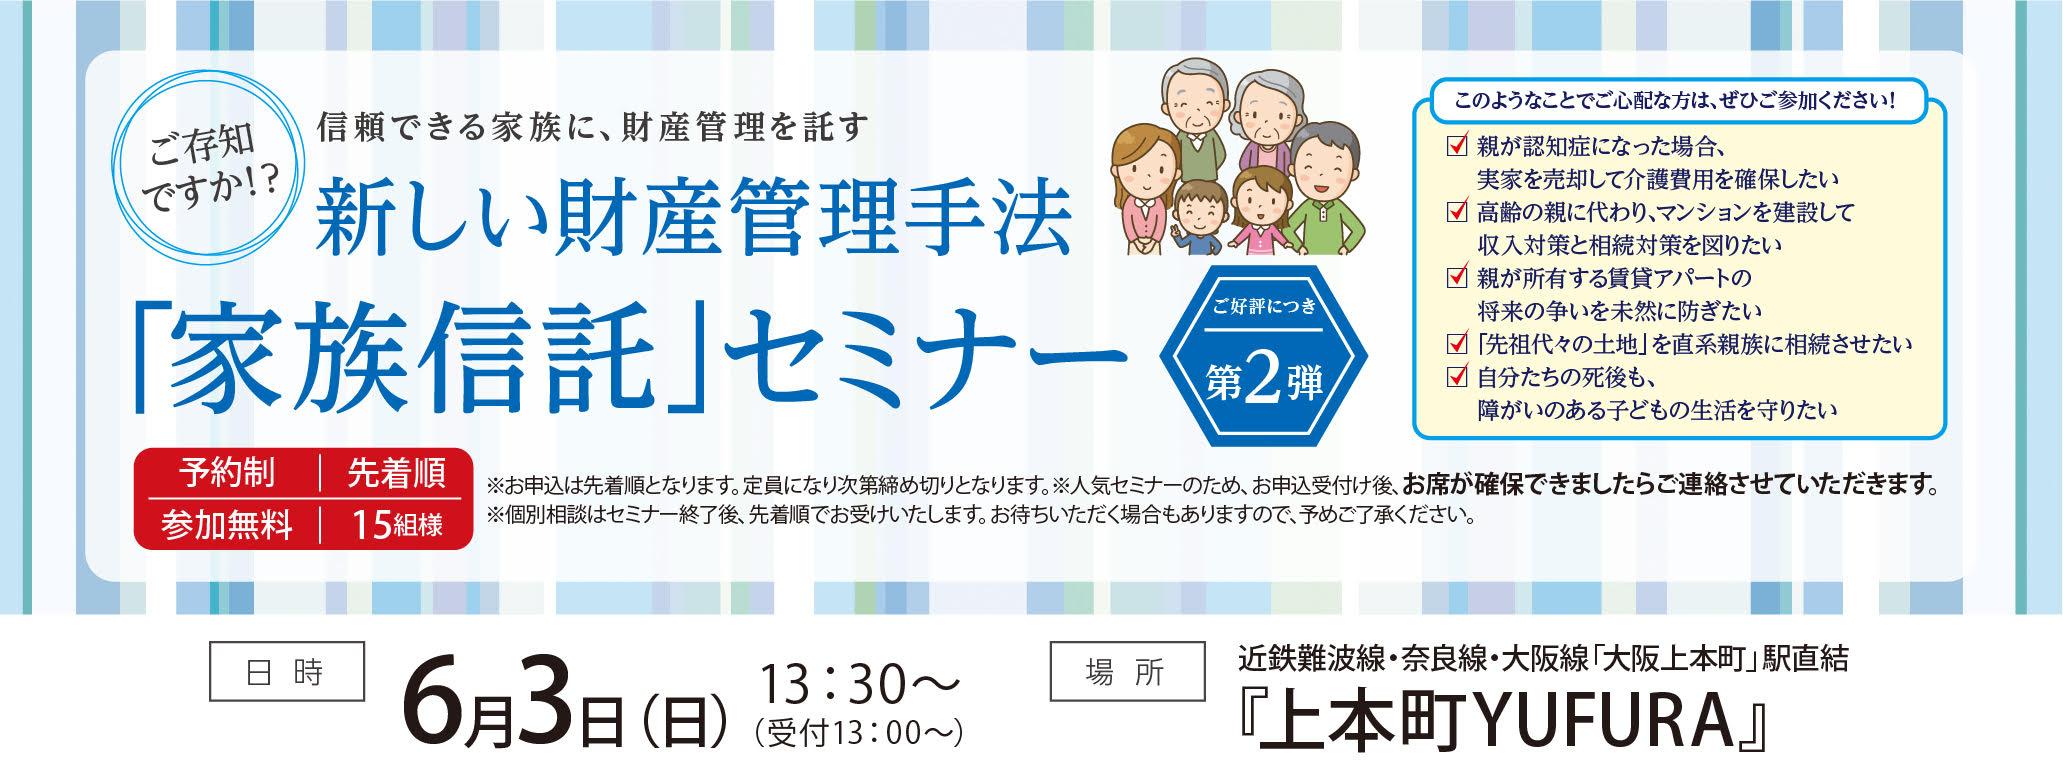 家族信託セミナー